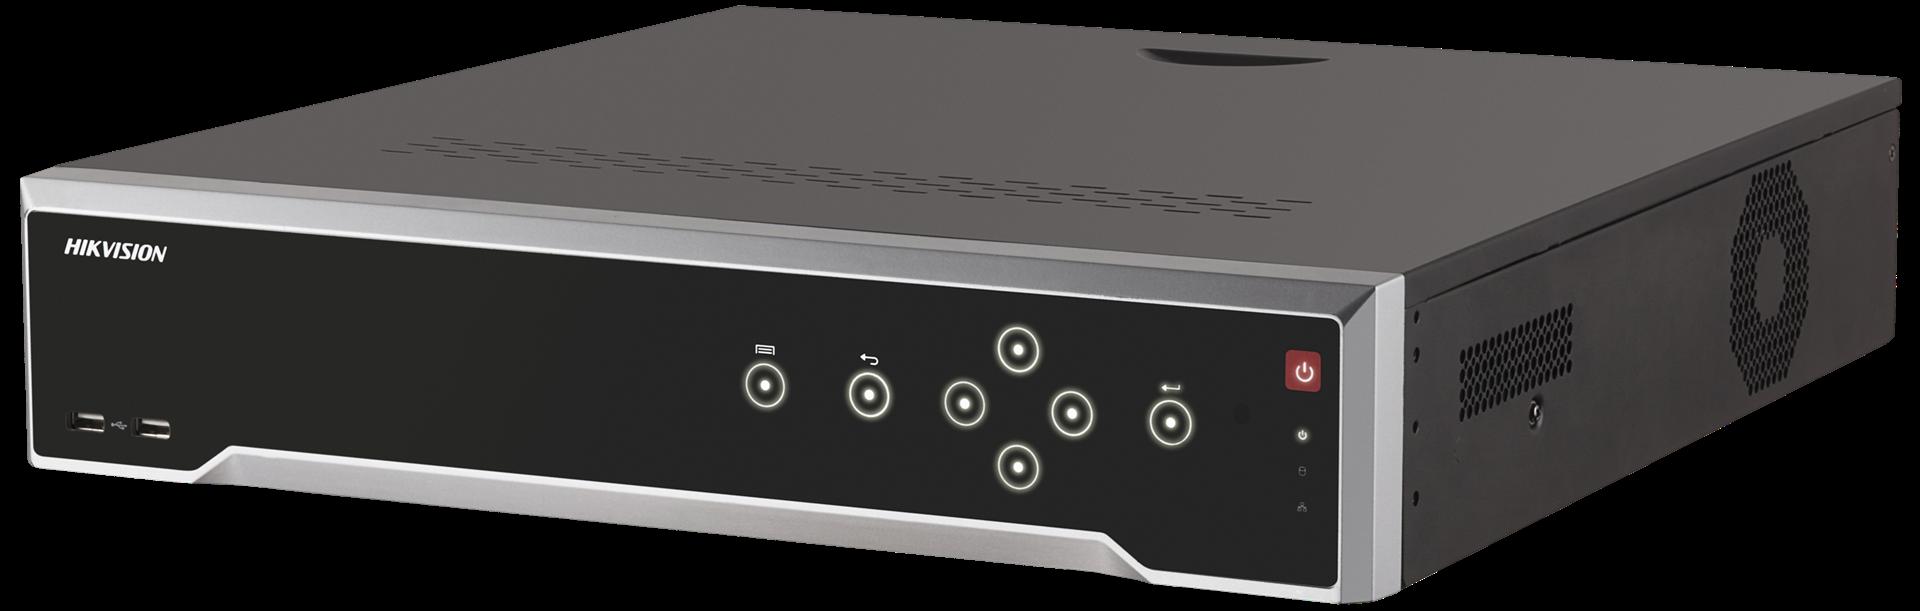 Εικόνα της DS-7716NI-I4(B)   NVR 16Ch 4K Series Hikvision